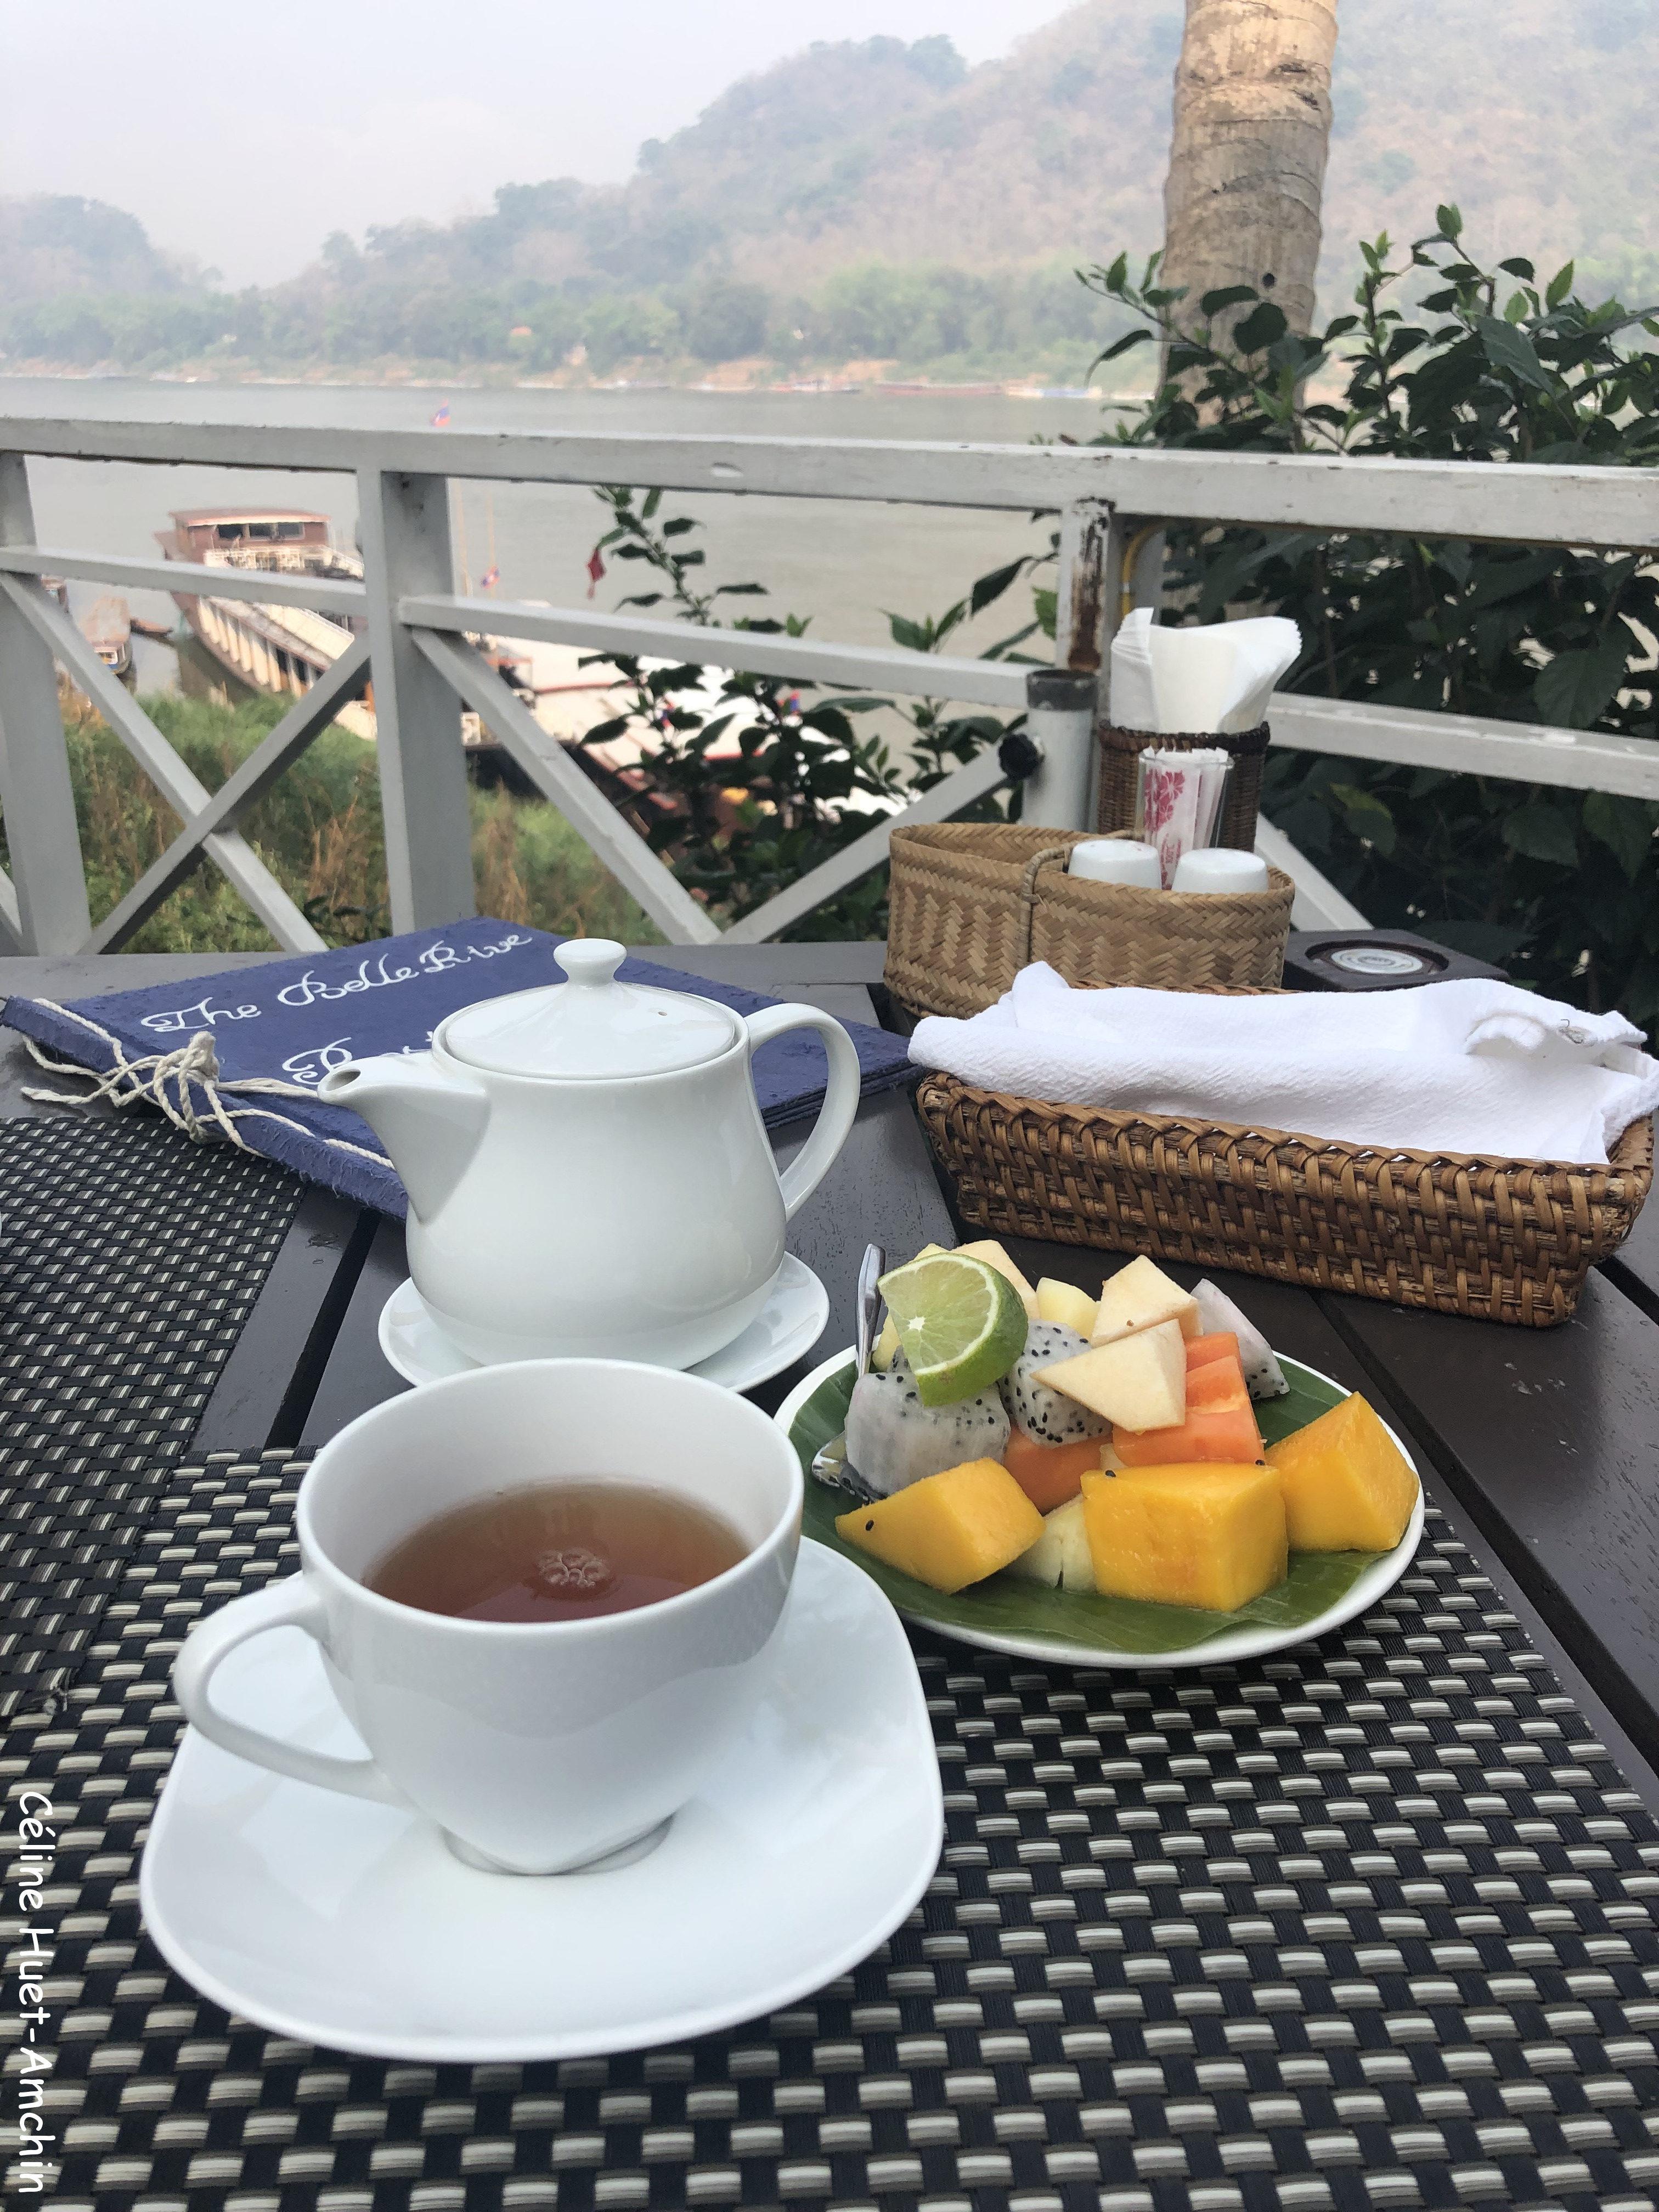 Petit déjeuner The Belle Rive Boutique Hotel terrace Luang Prabang Laos Asie